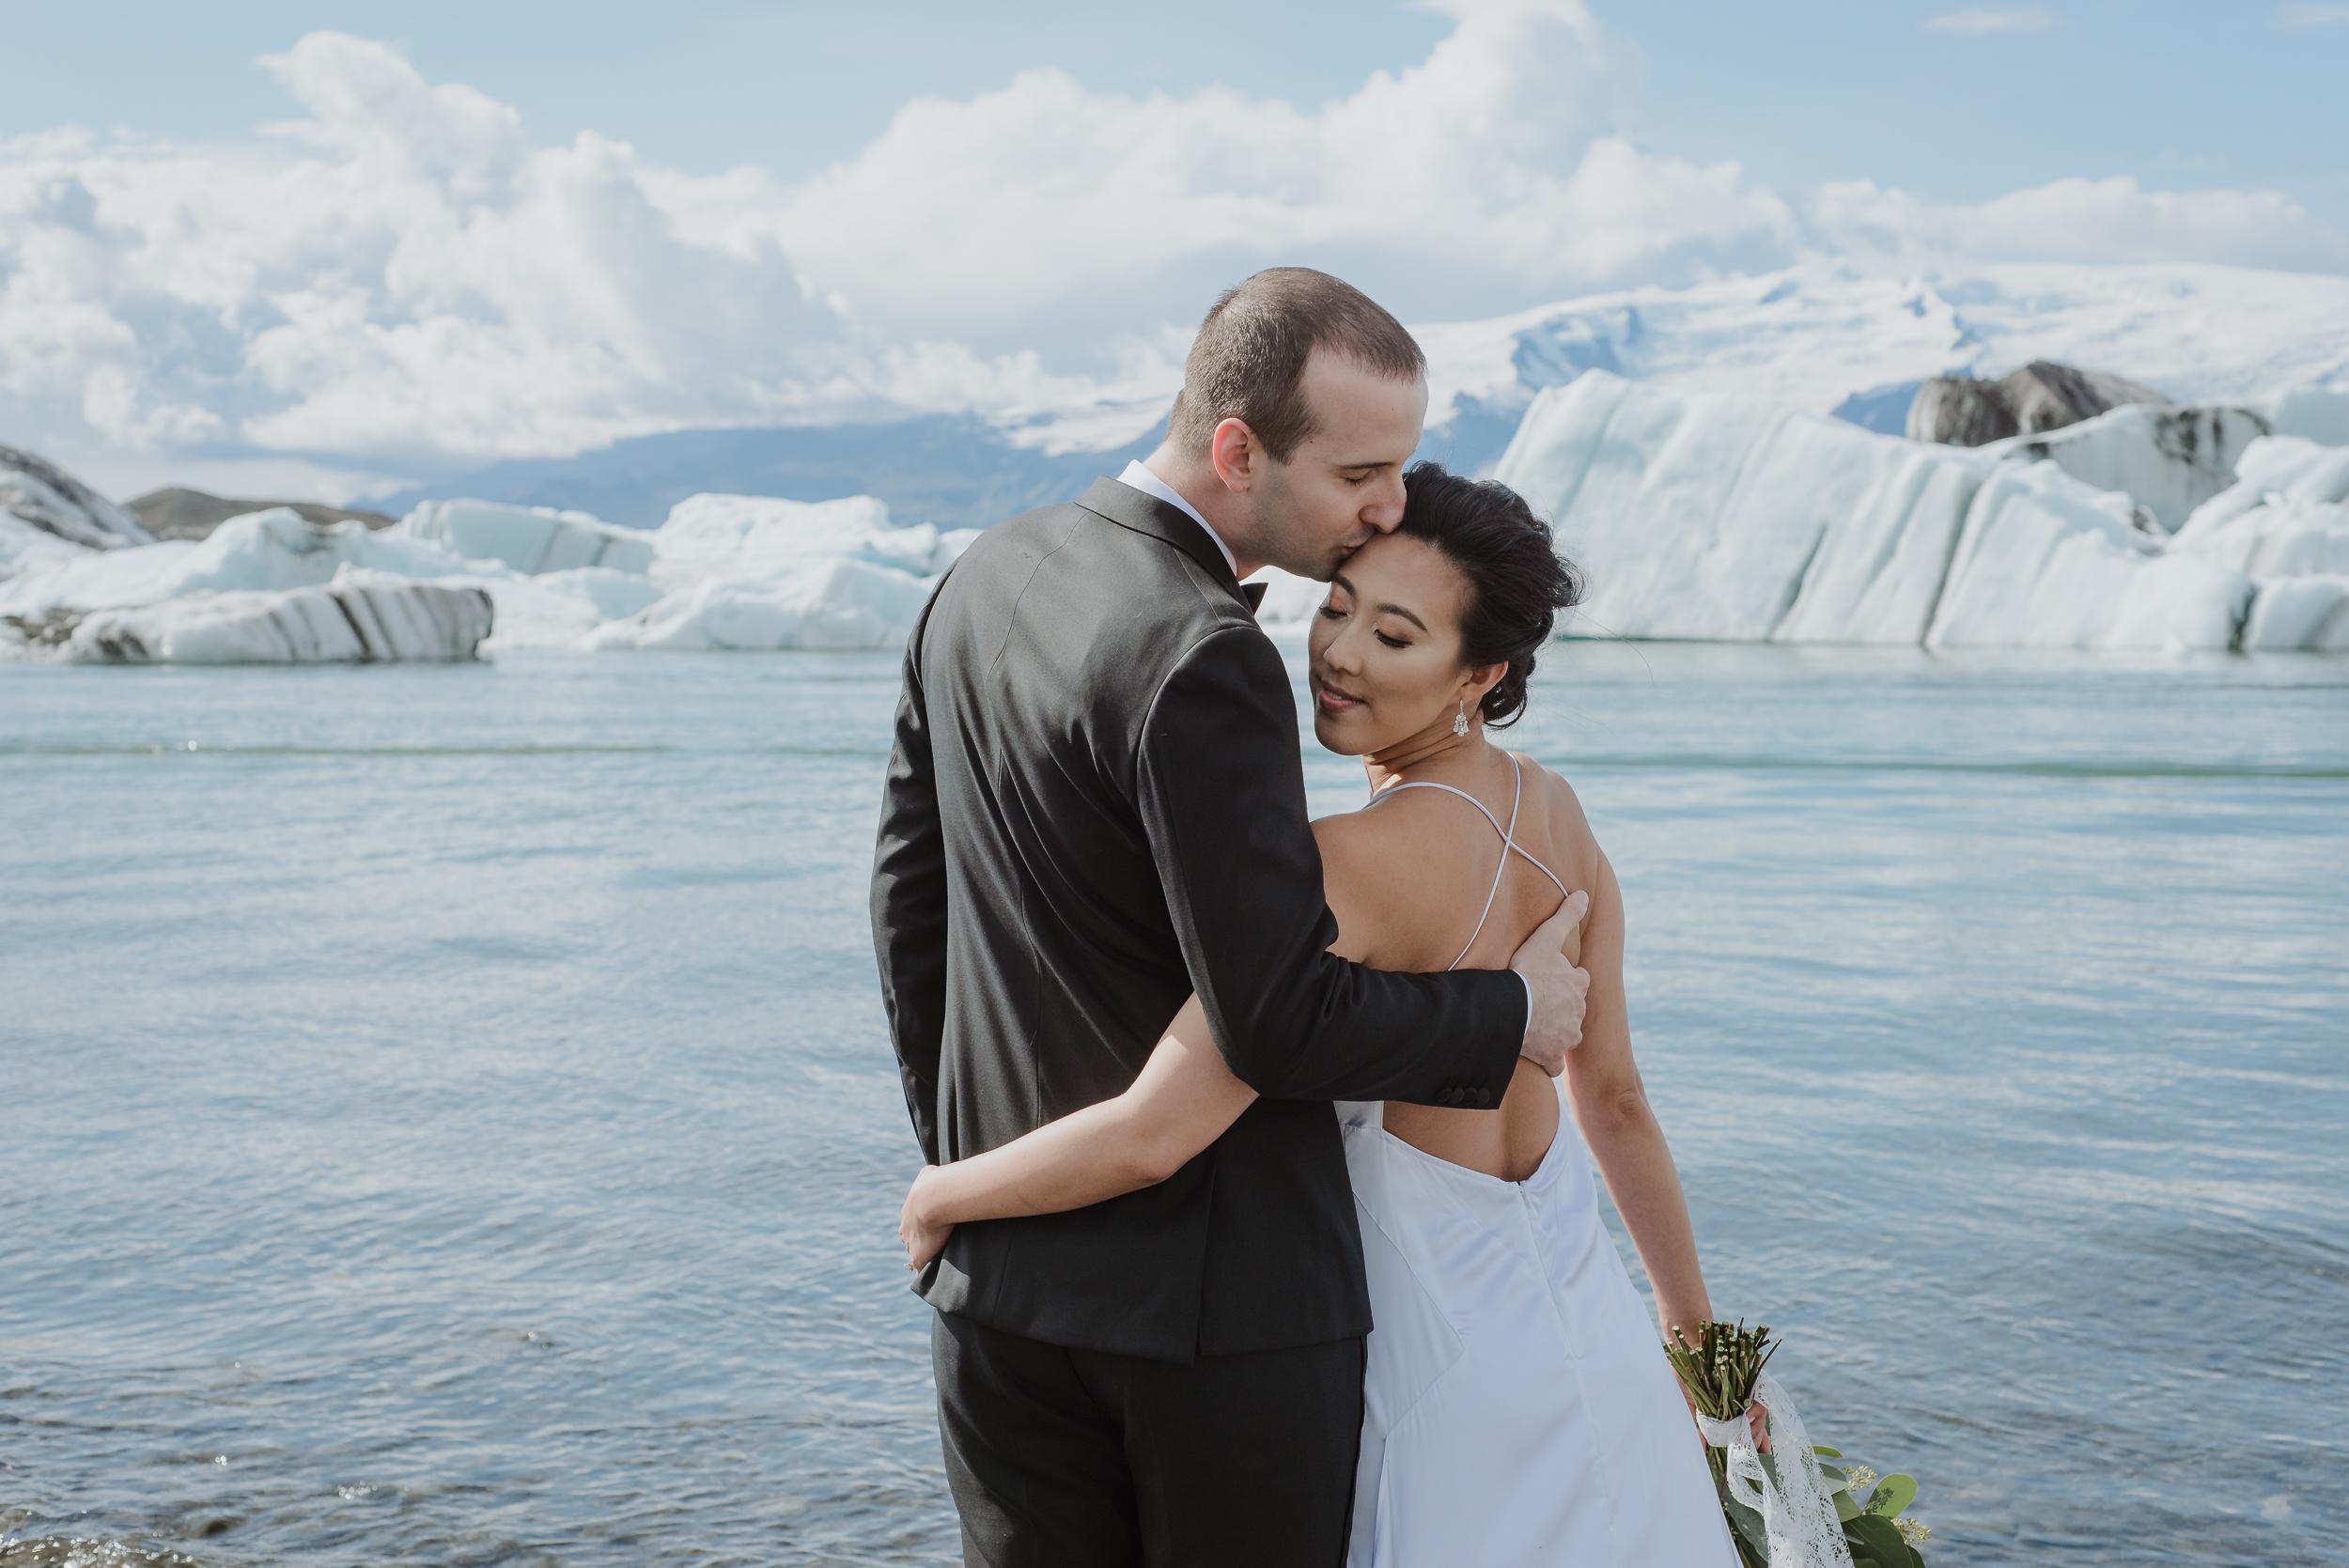 destination-wedding-iceland-engagement-session-vivianchen-080.jpg